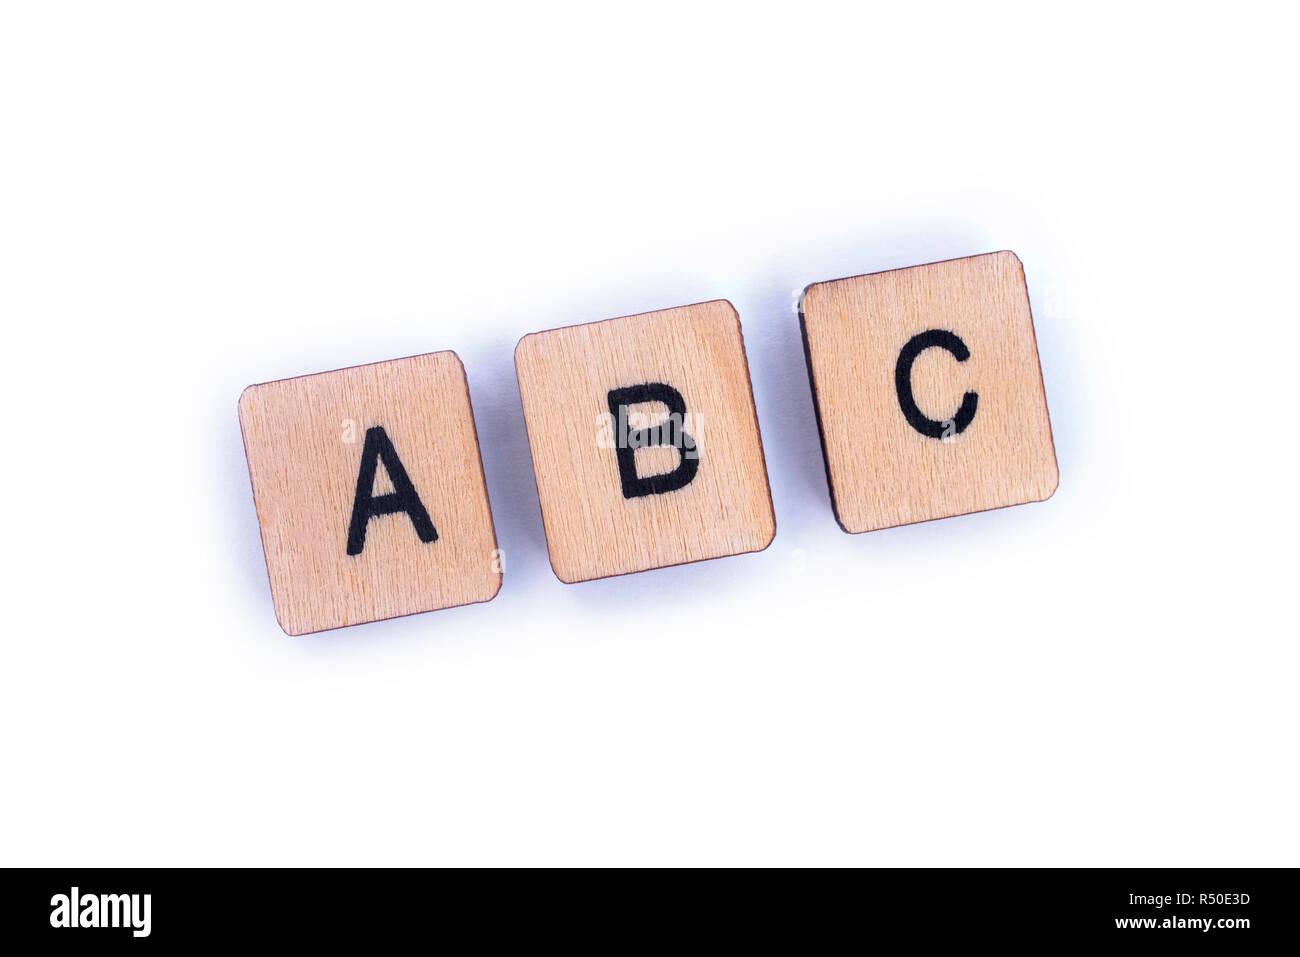 Le lettere abc farro con lettera in legno piastrelle scrabble